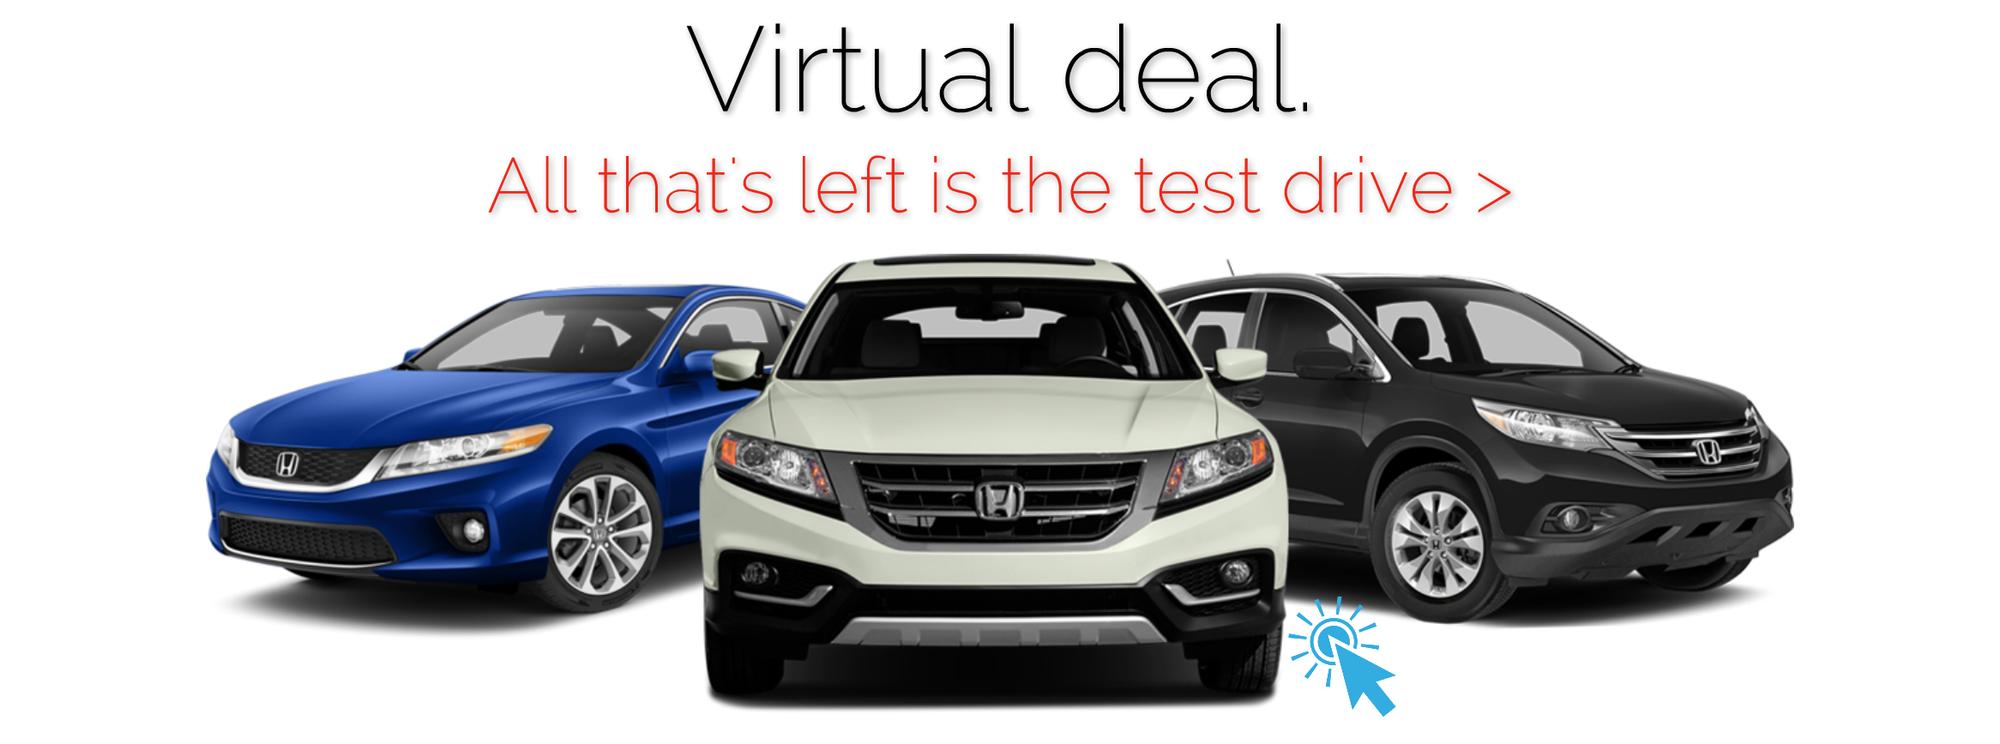 Virtual Deal